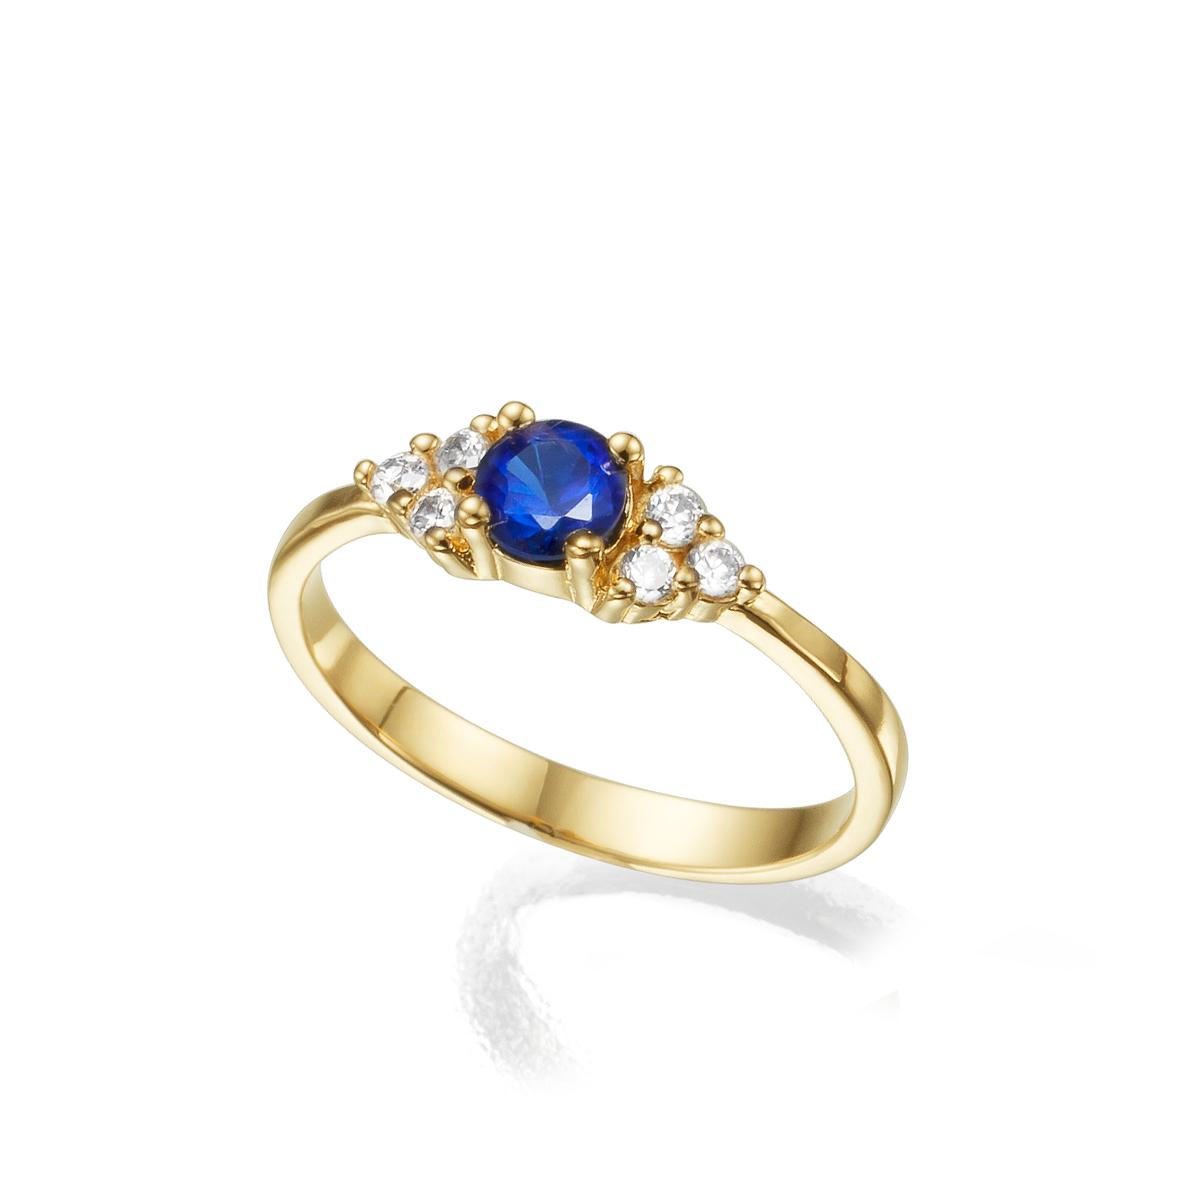 טבעת אירוסין משובצת ספיר מרכזי 0.30ct  ו-6 יהלומים צדדים